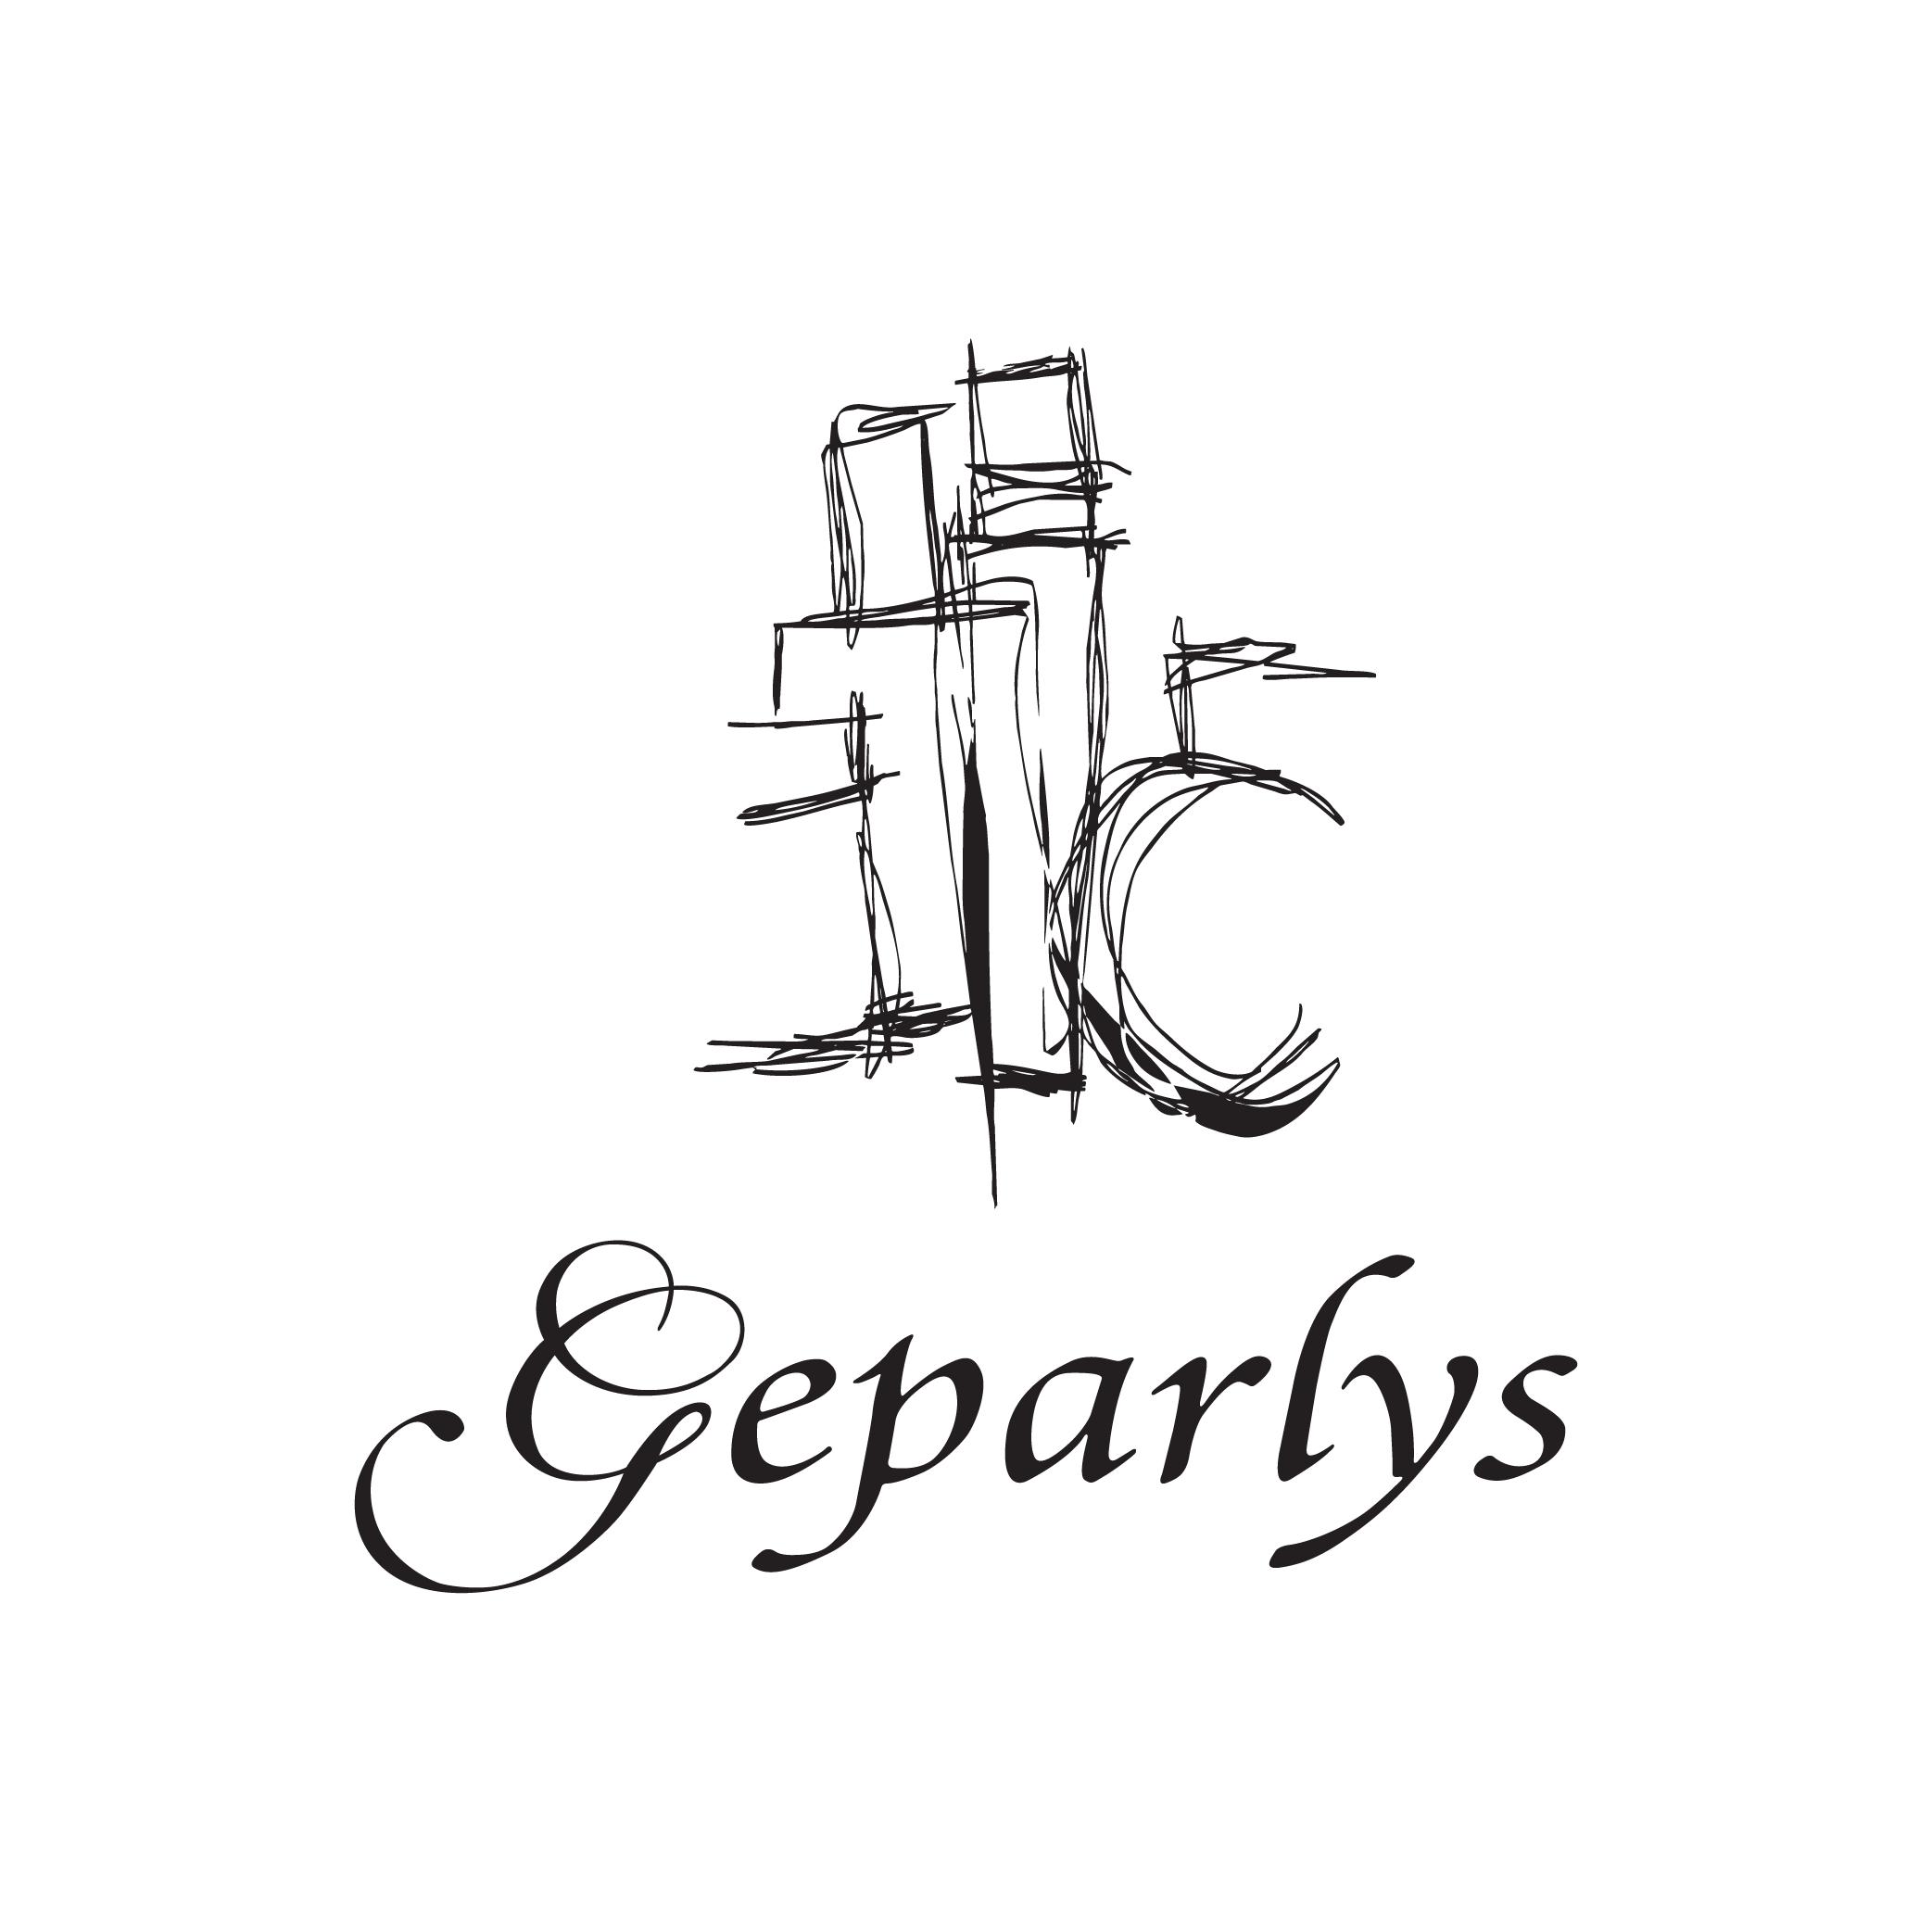 غابرليس Geparlys